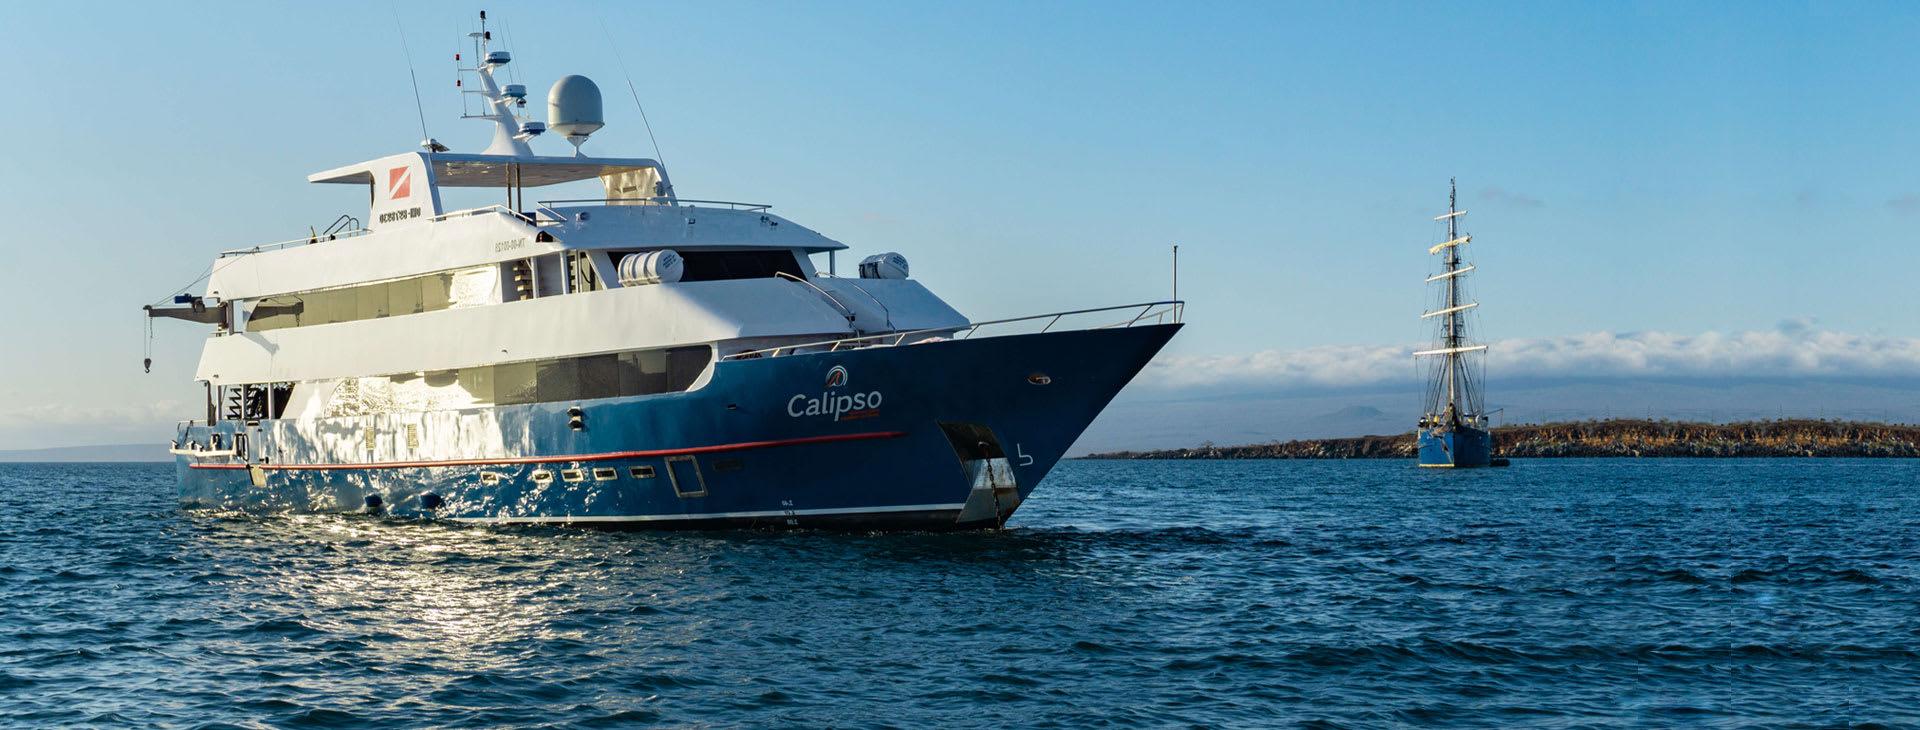 Calipso at sea